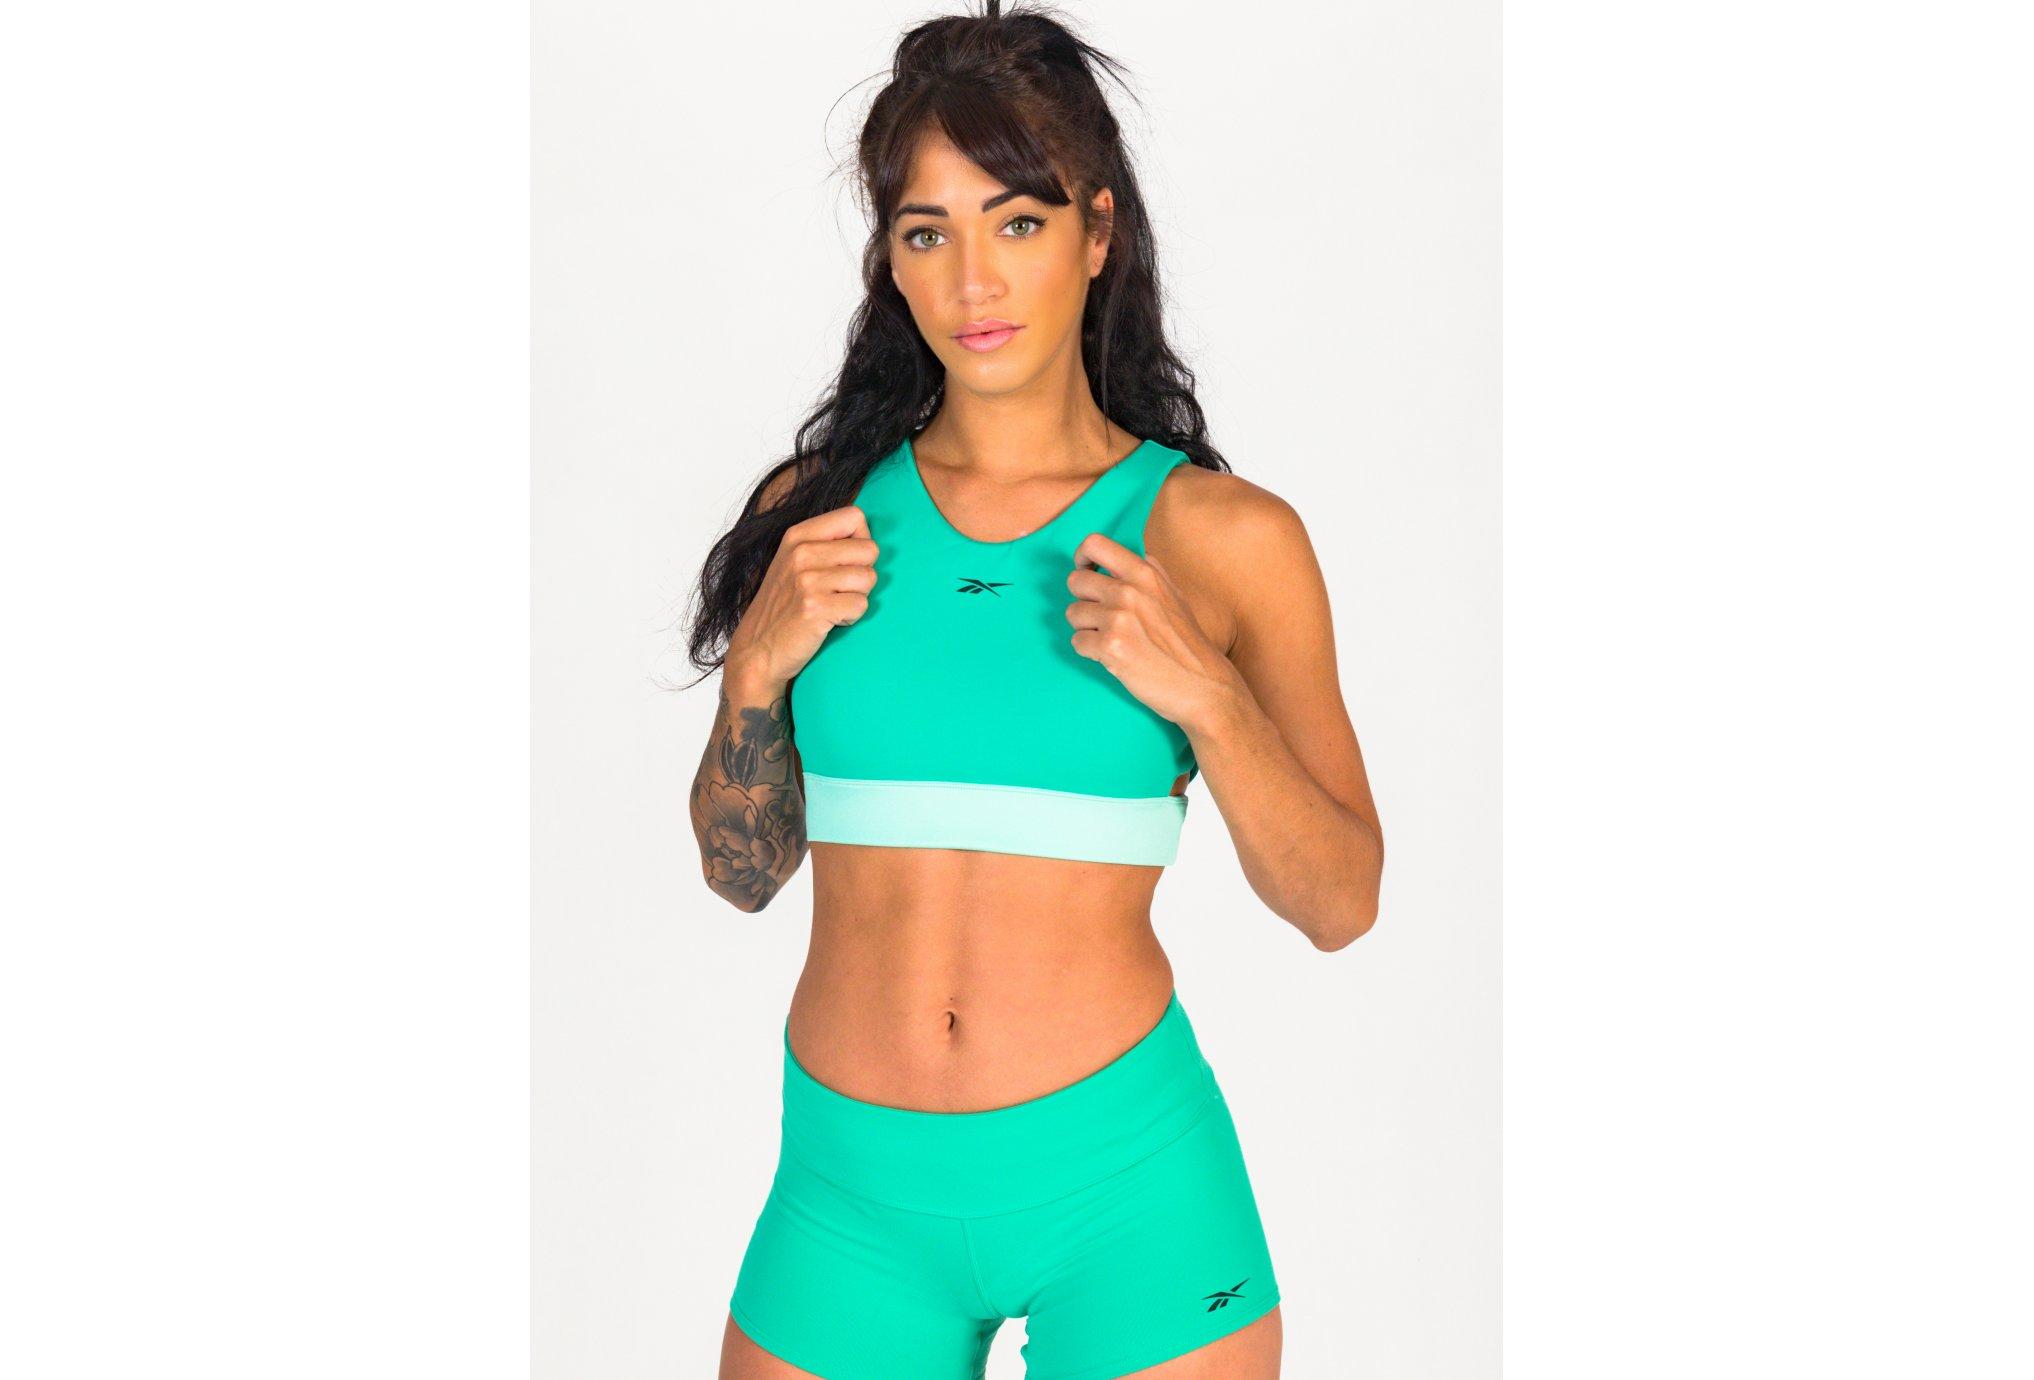 Reebok Beyond the Sweat vêtement running femme